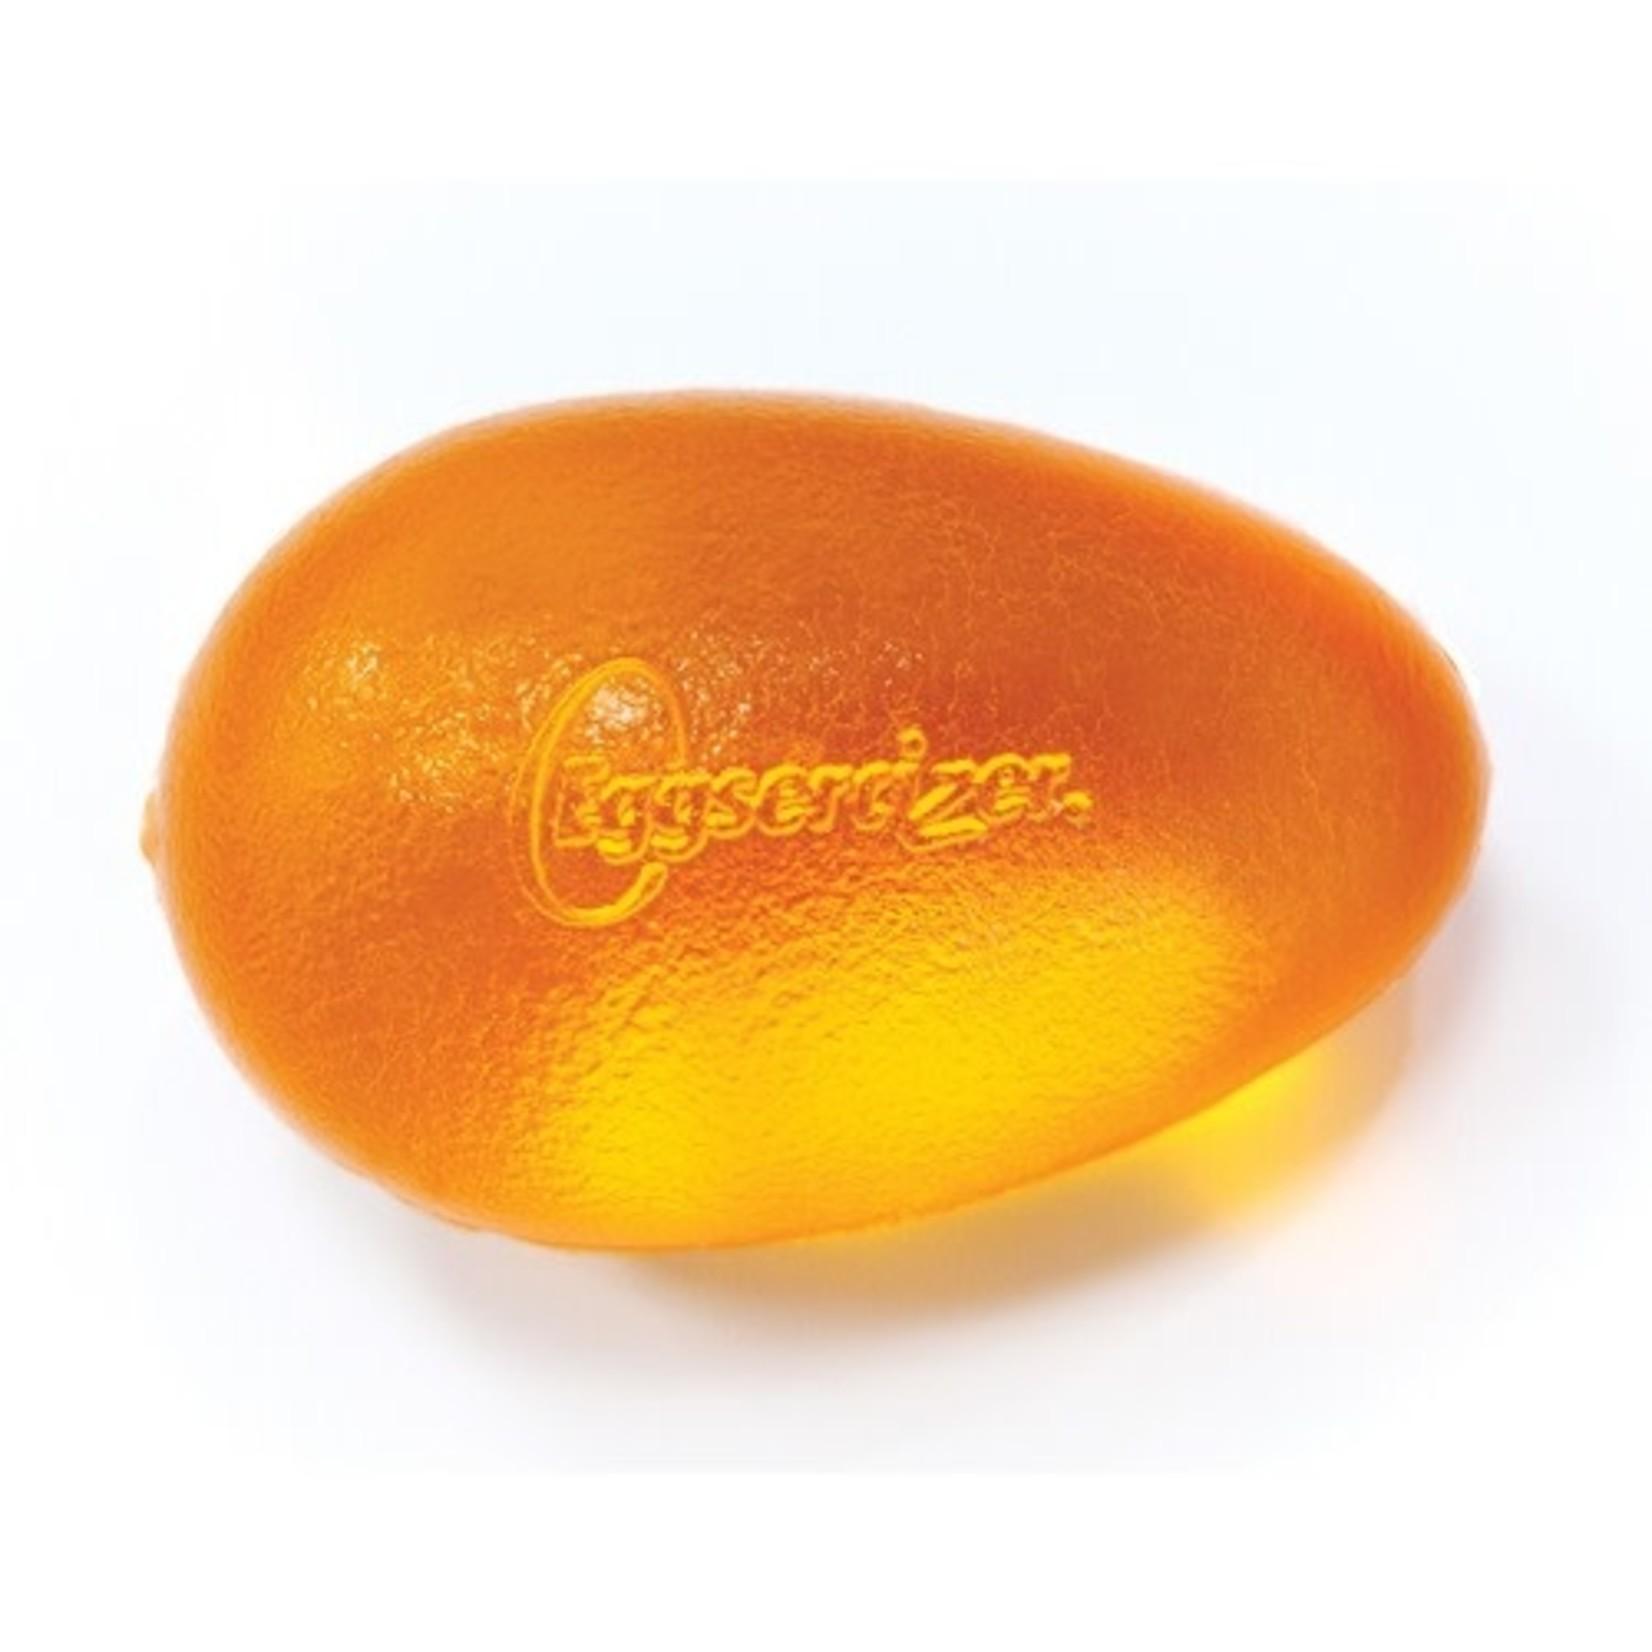 ERP Eggsercizer - Hand Exerciser